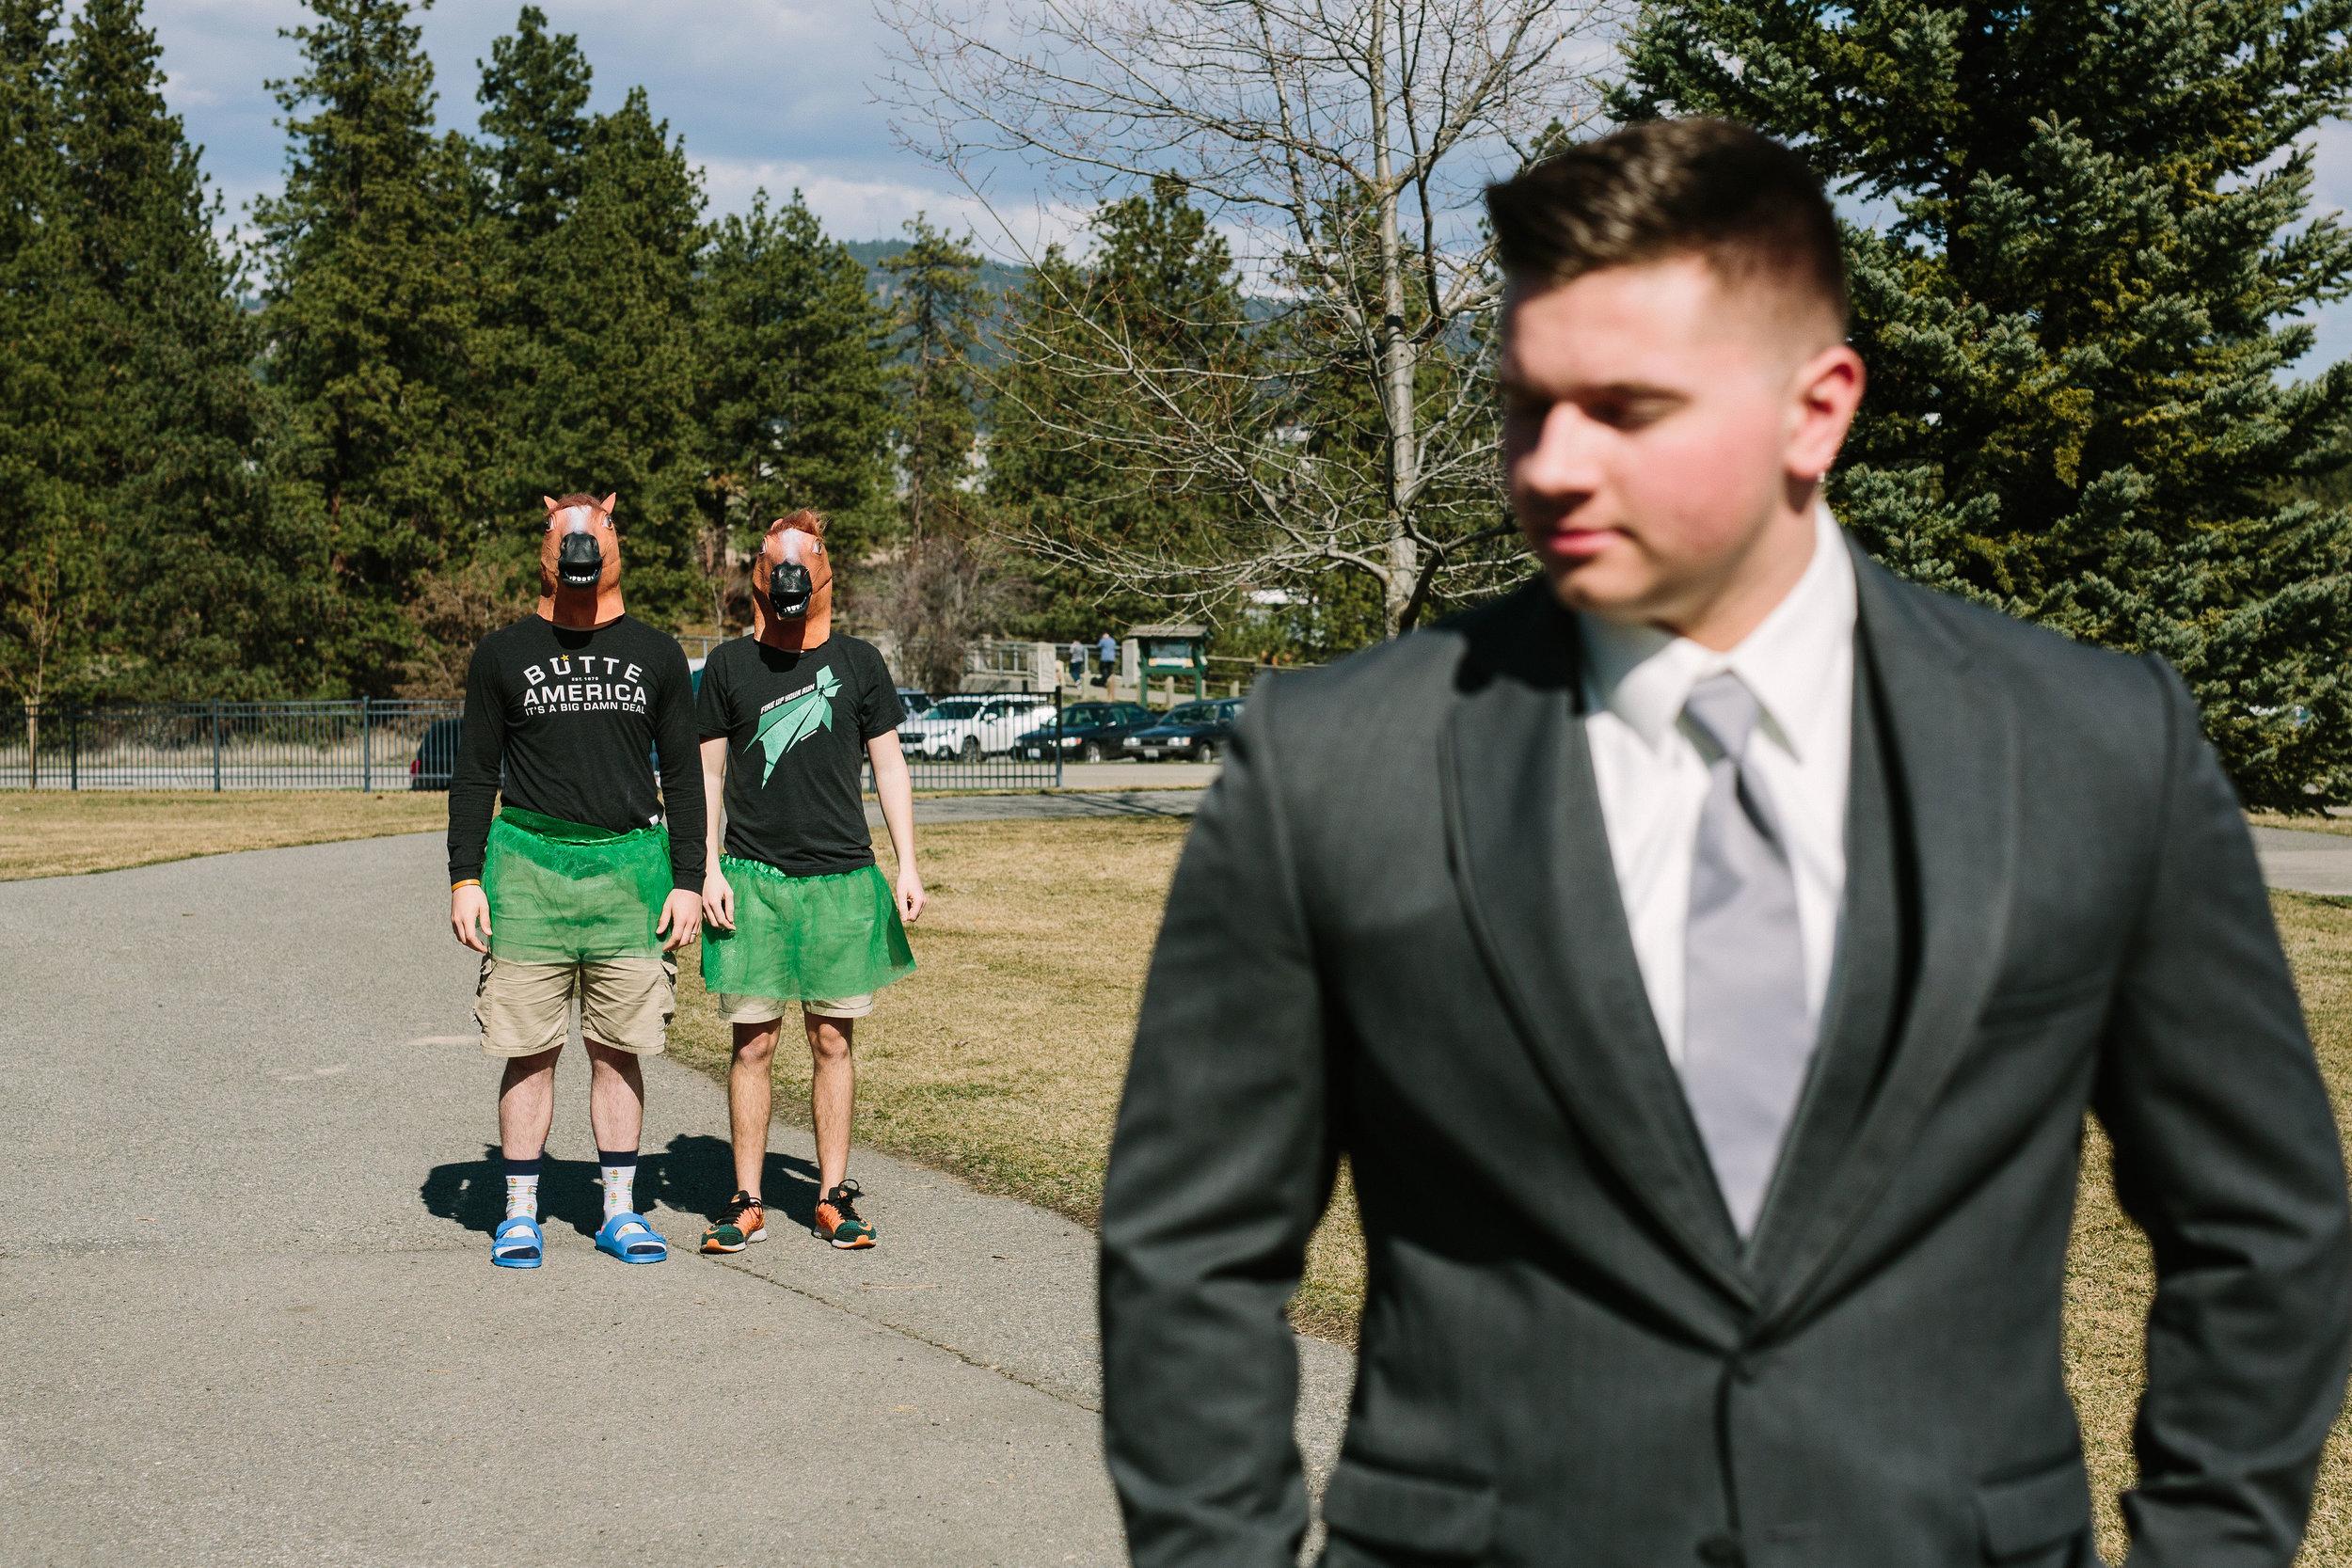 Fun Rustic spokane wedding first look best man pulling prank on groom funny